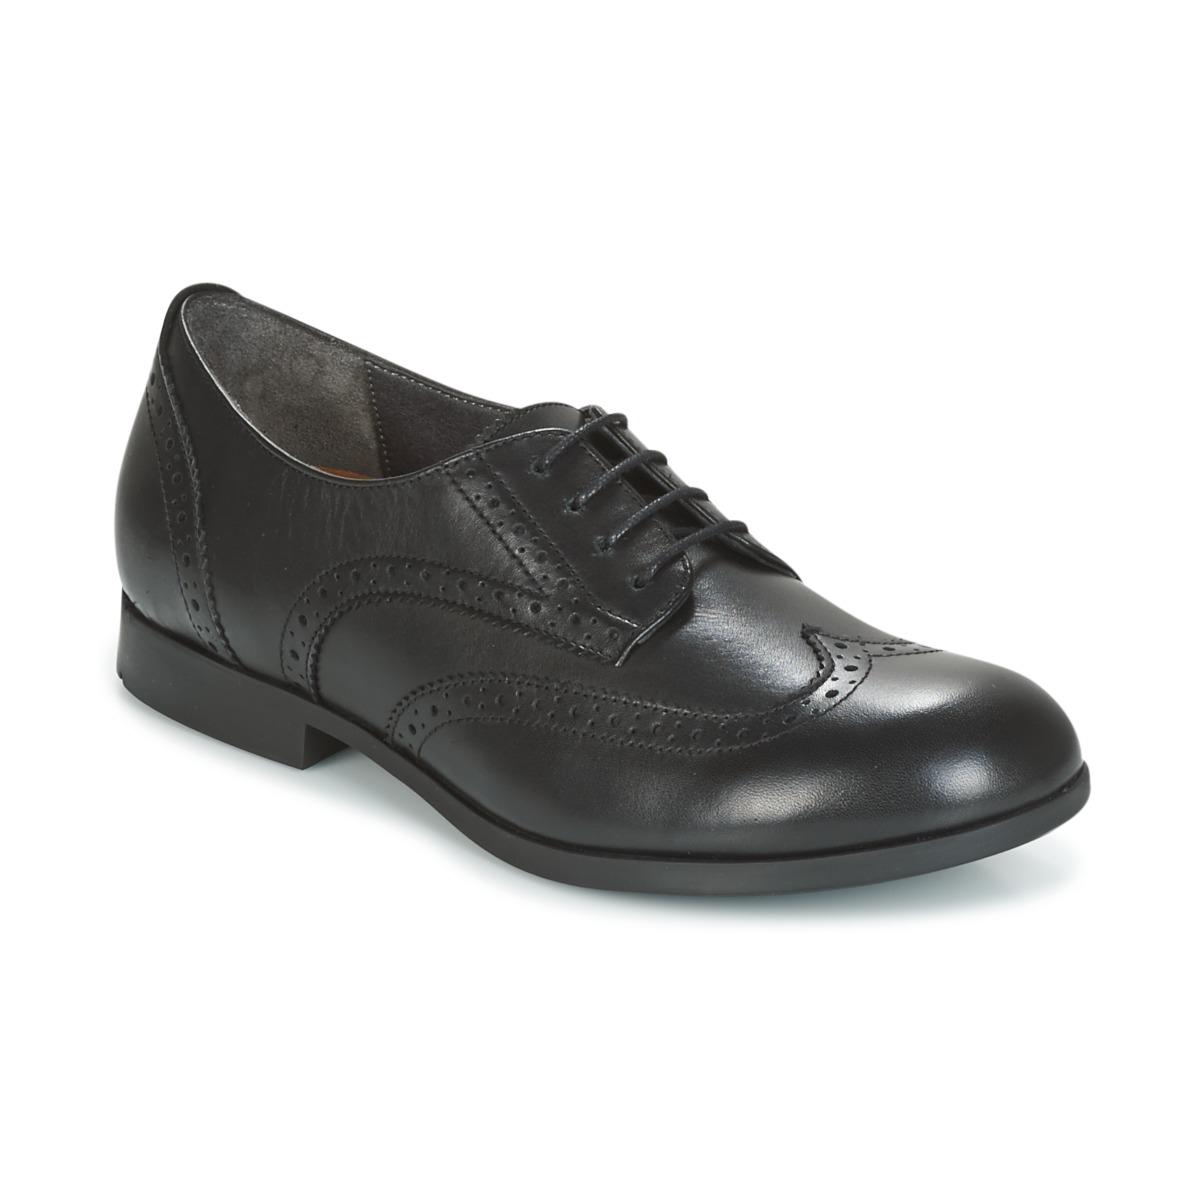 Birkenstock LARAMI LOW Schwarz - Kostenloser Versand bei Spartoode ! - Schuhe Derby-Schuhe Damen 119,20 €